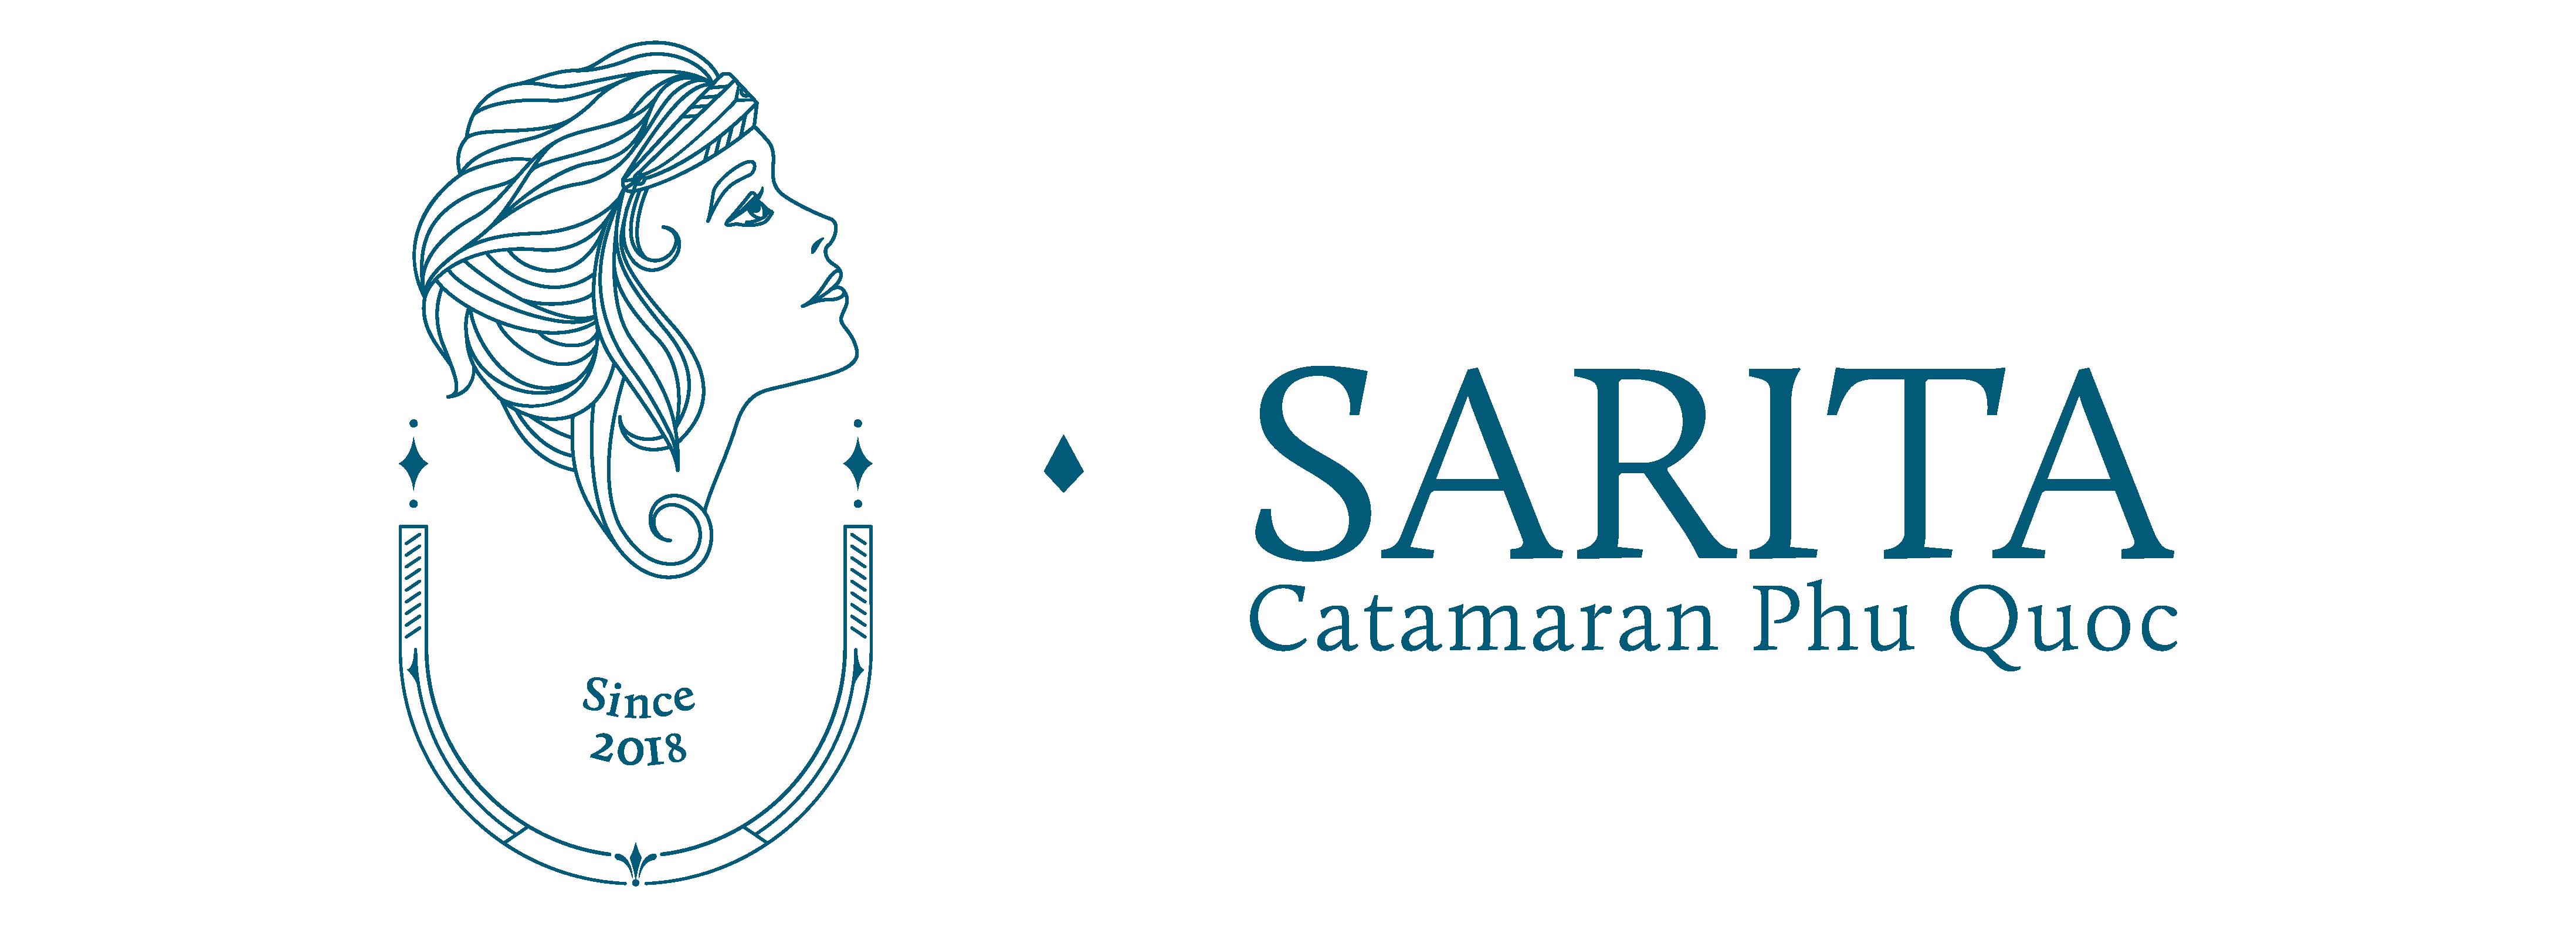 Catamaran Sarita Phu Quoc